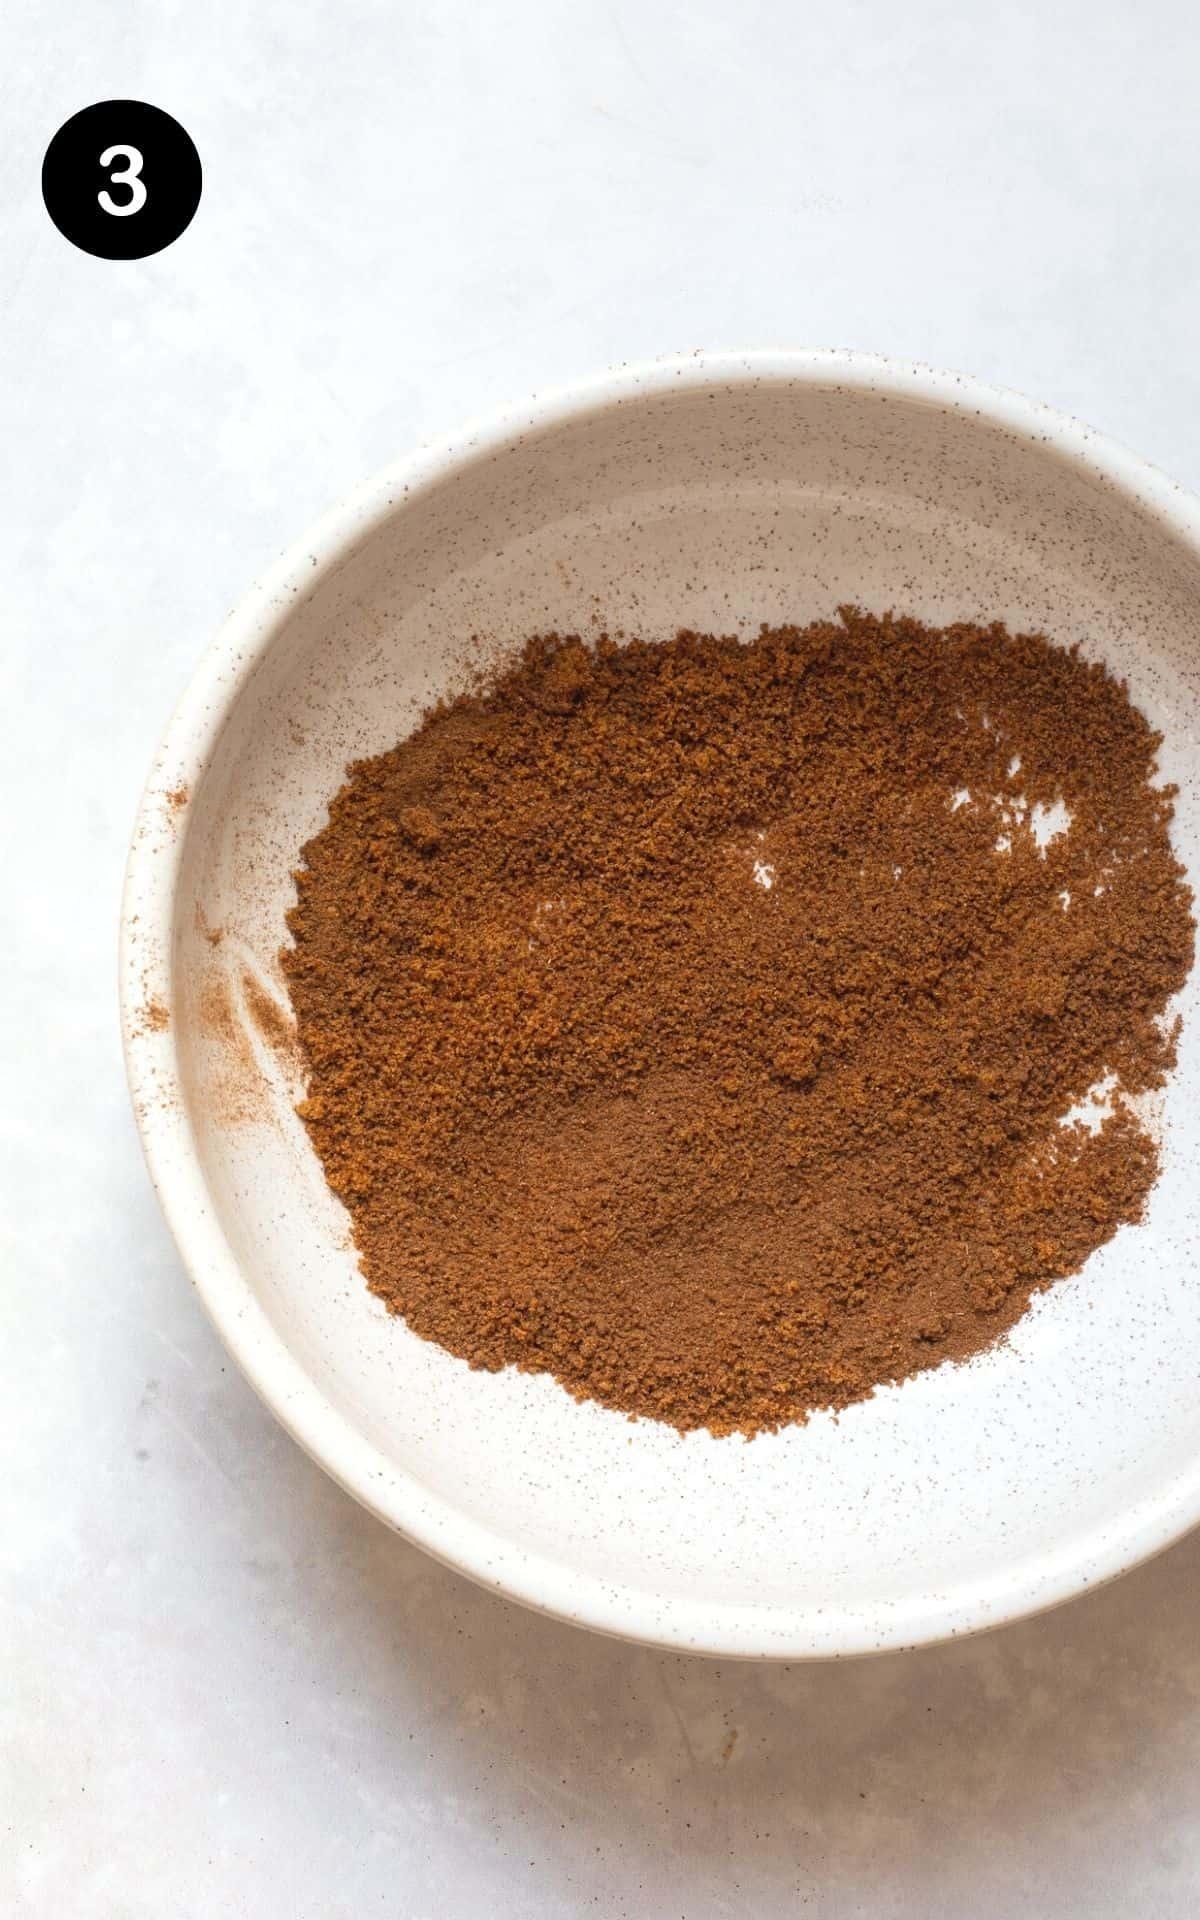 homemade cinnamon sugar in a white bowl